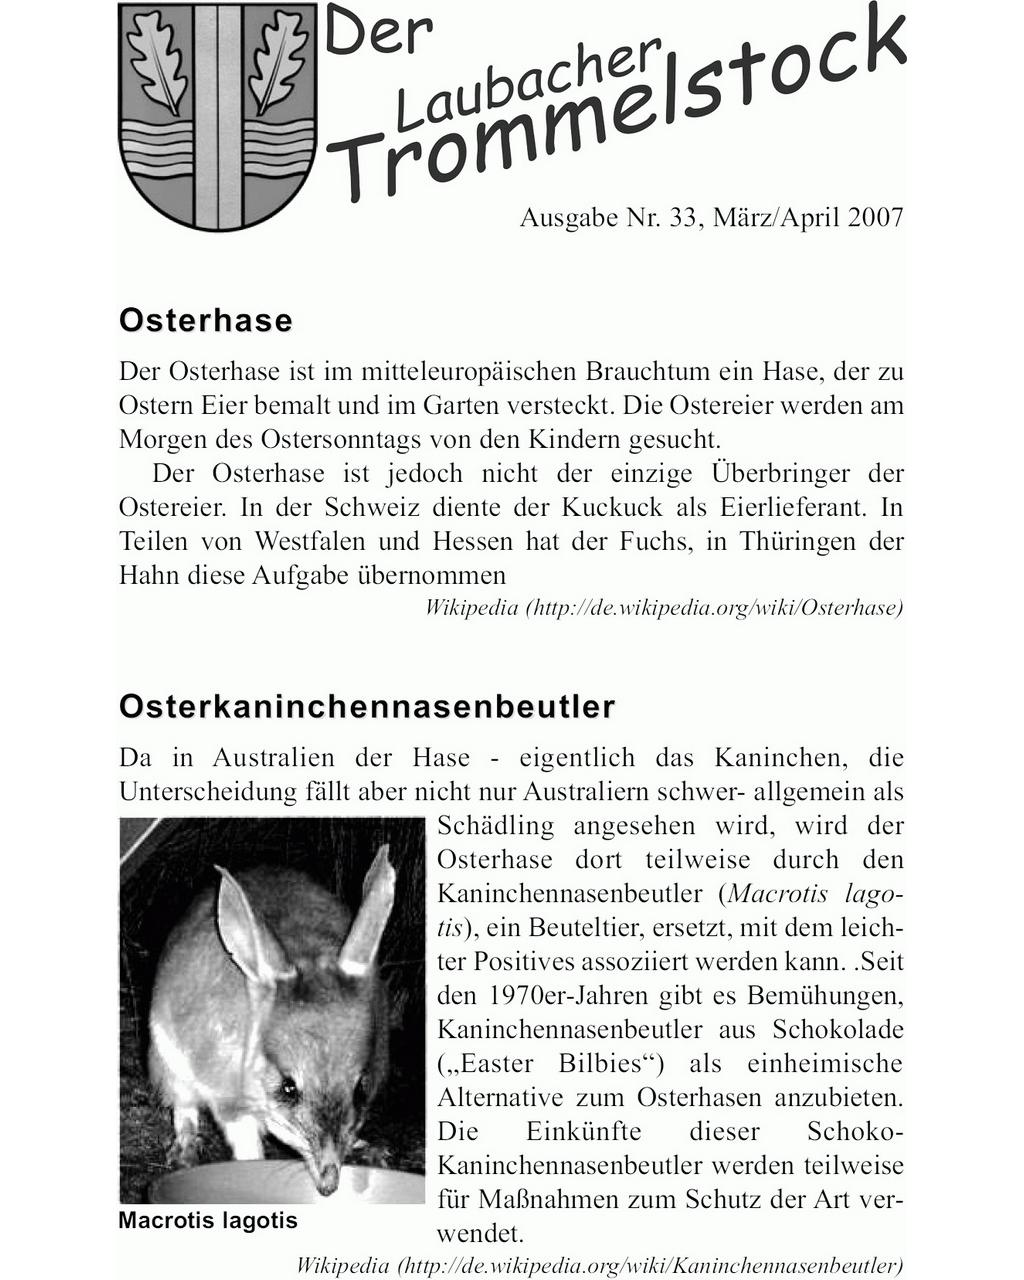 Laubacher-Trommelstock-Titelseite-033